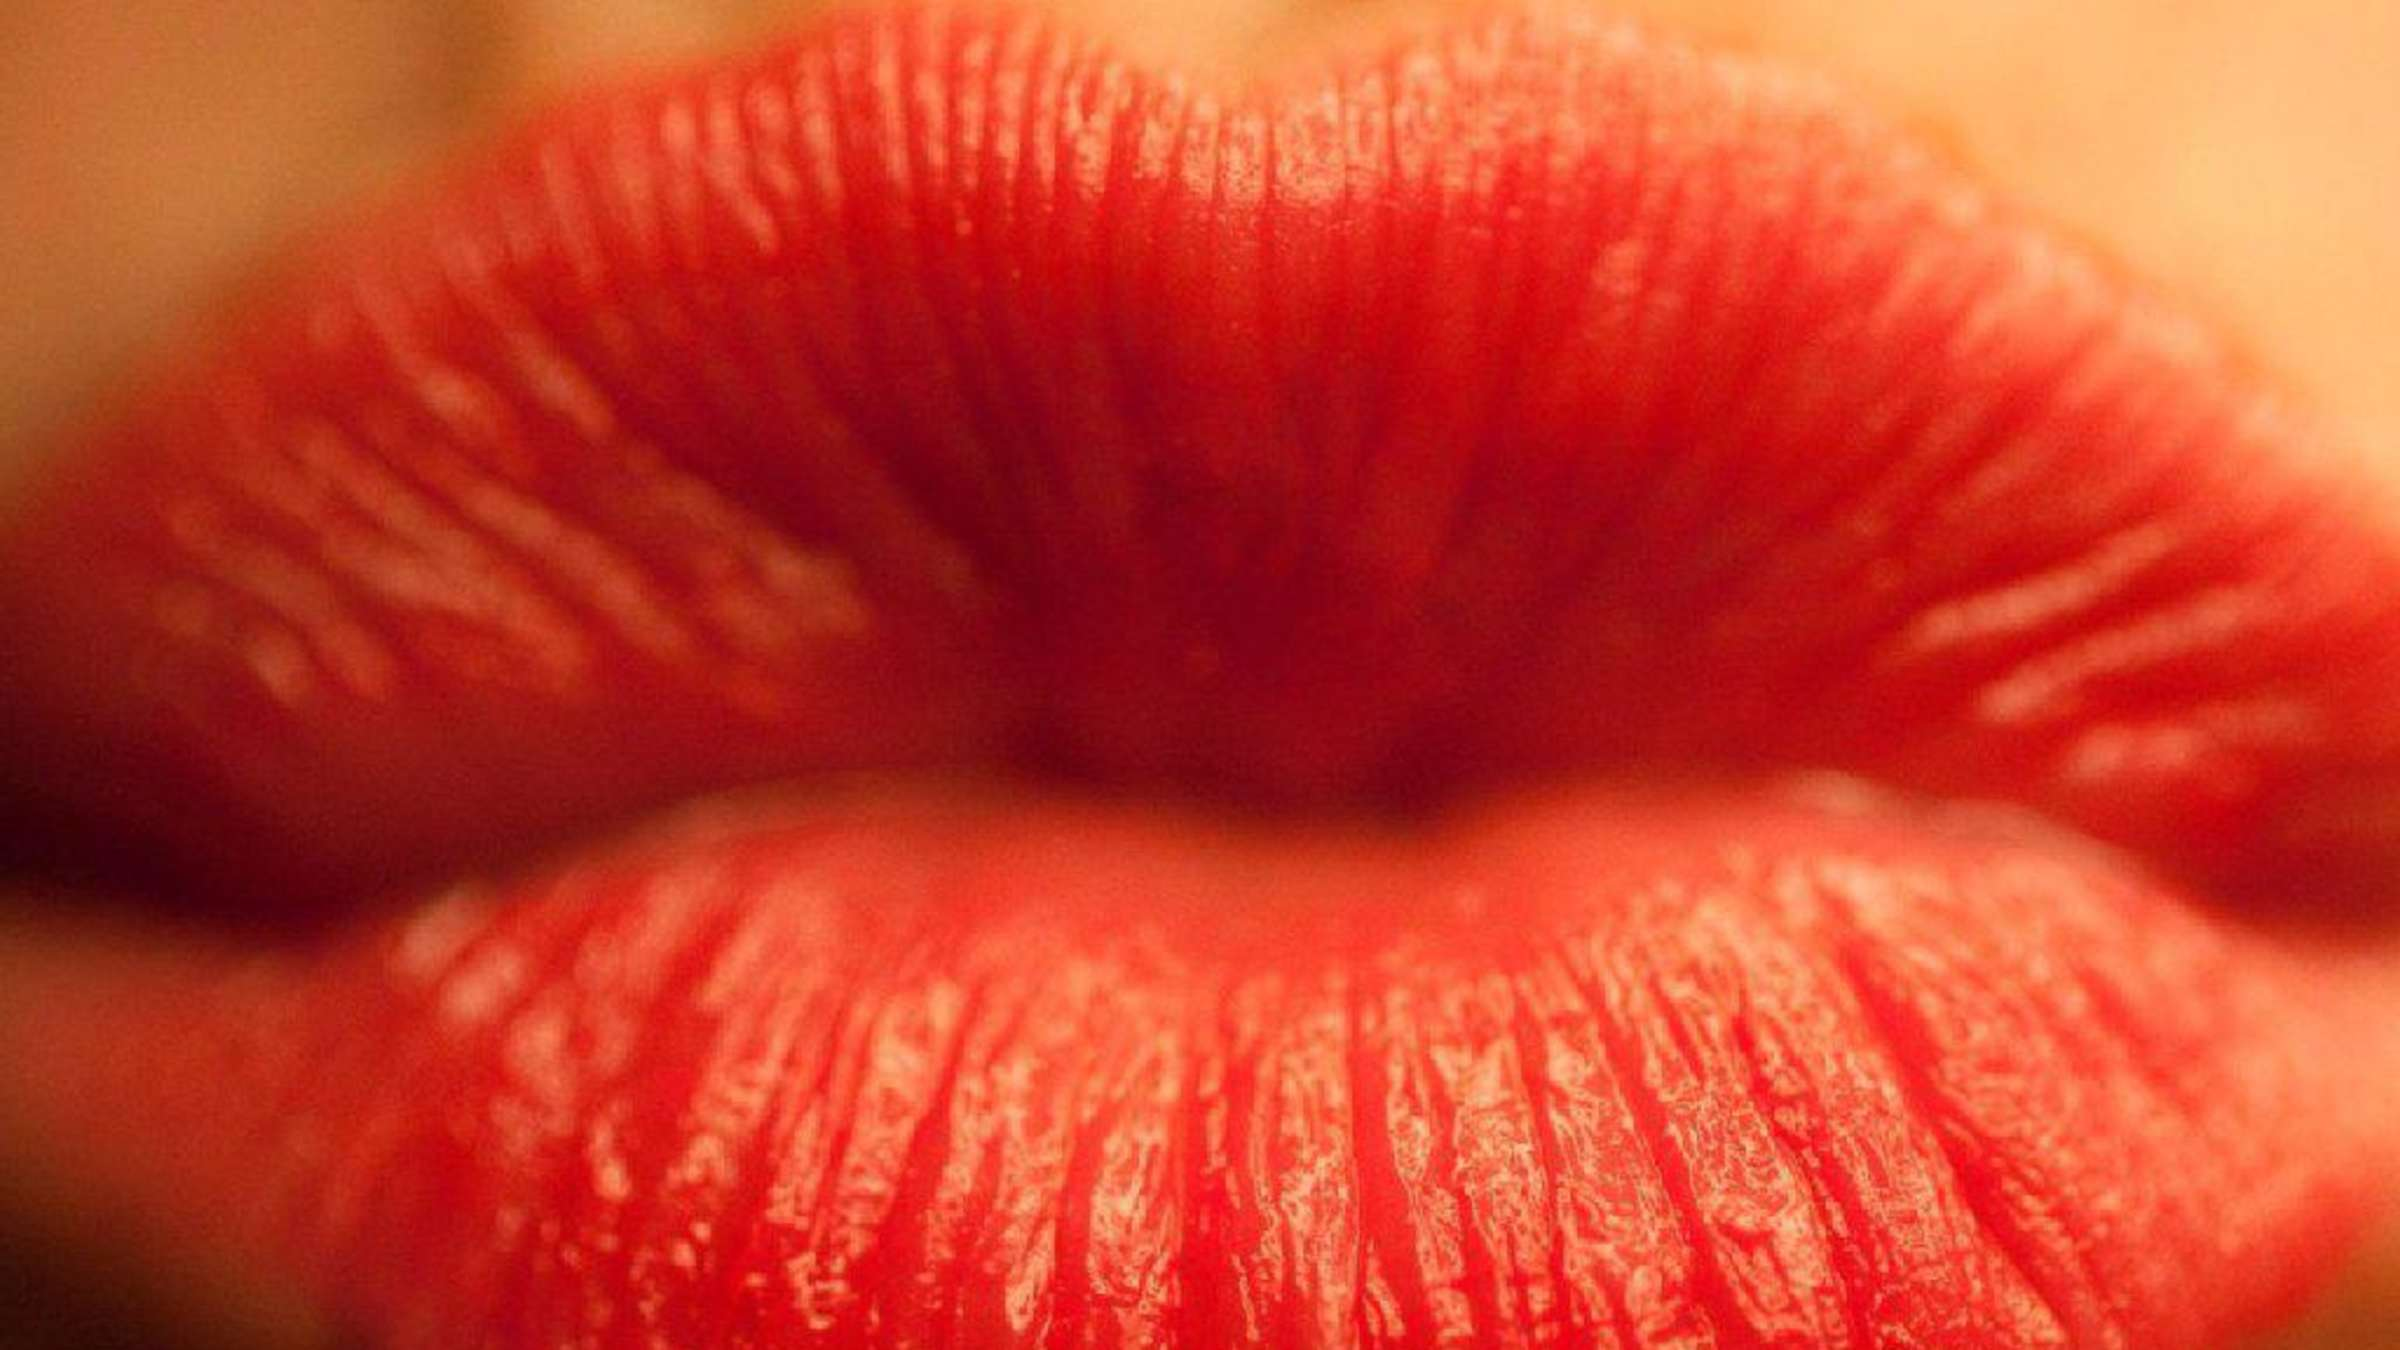 Mann küsst frau am ohr